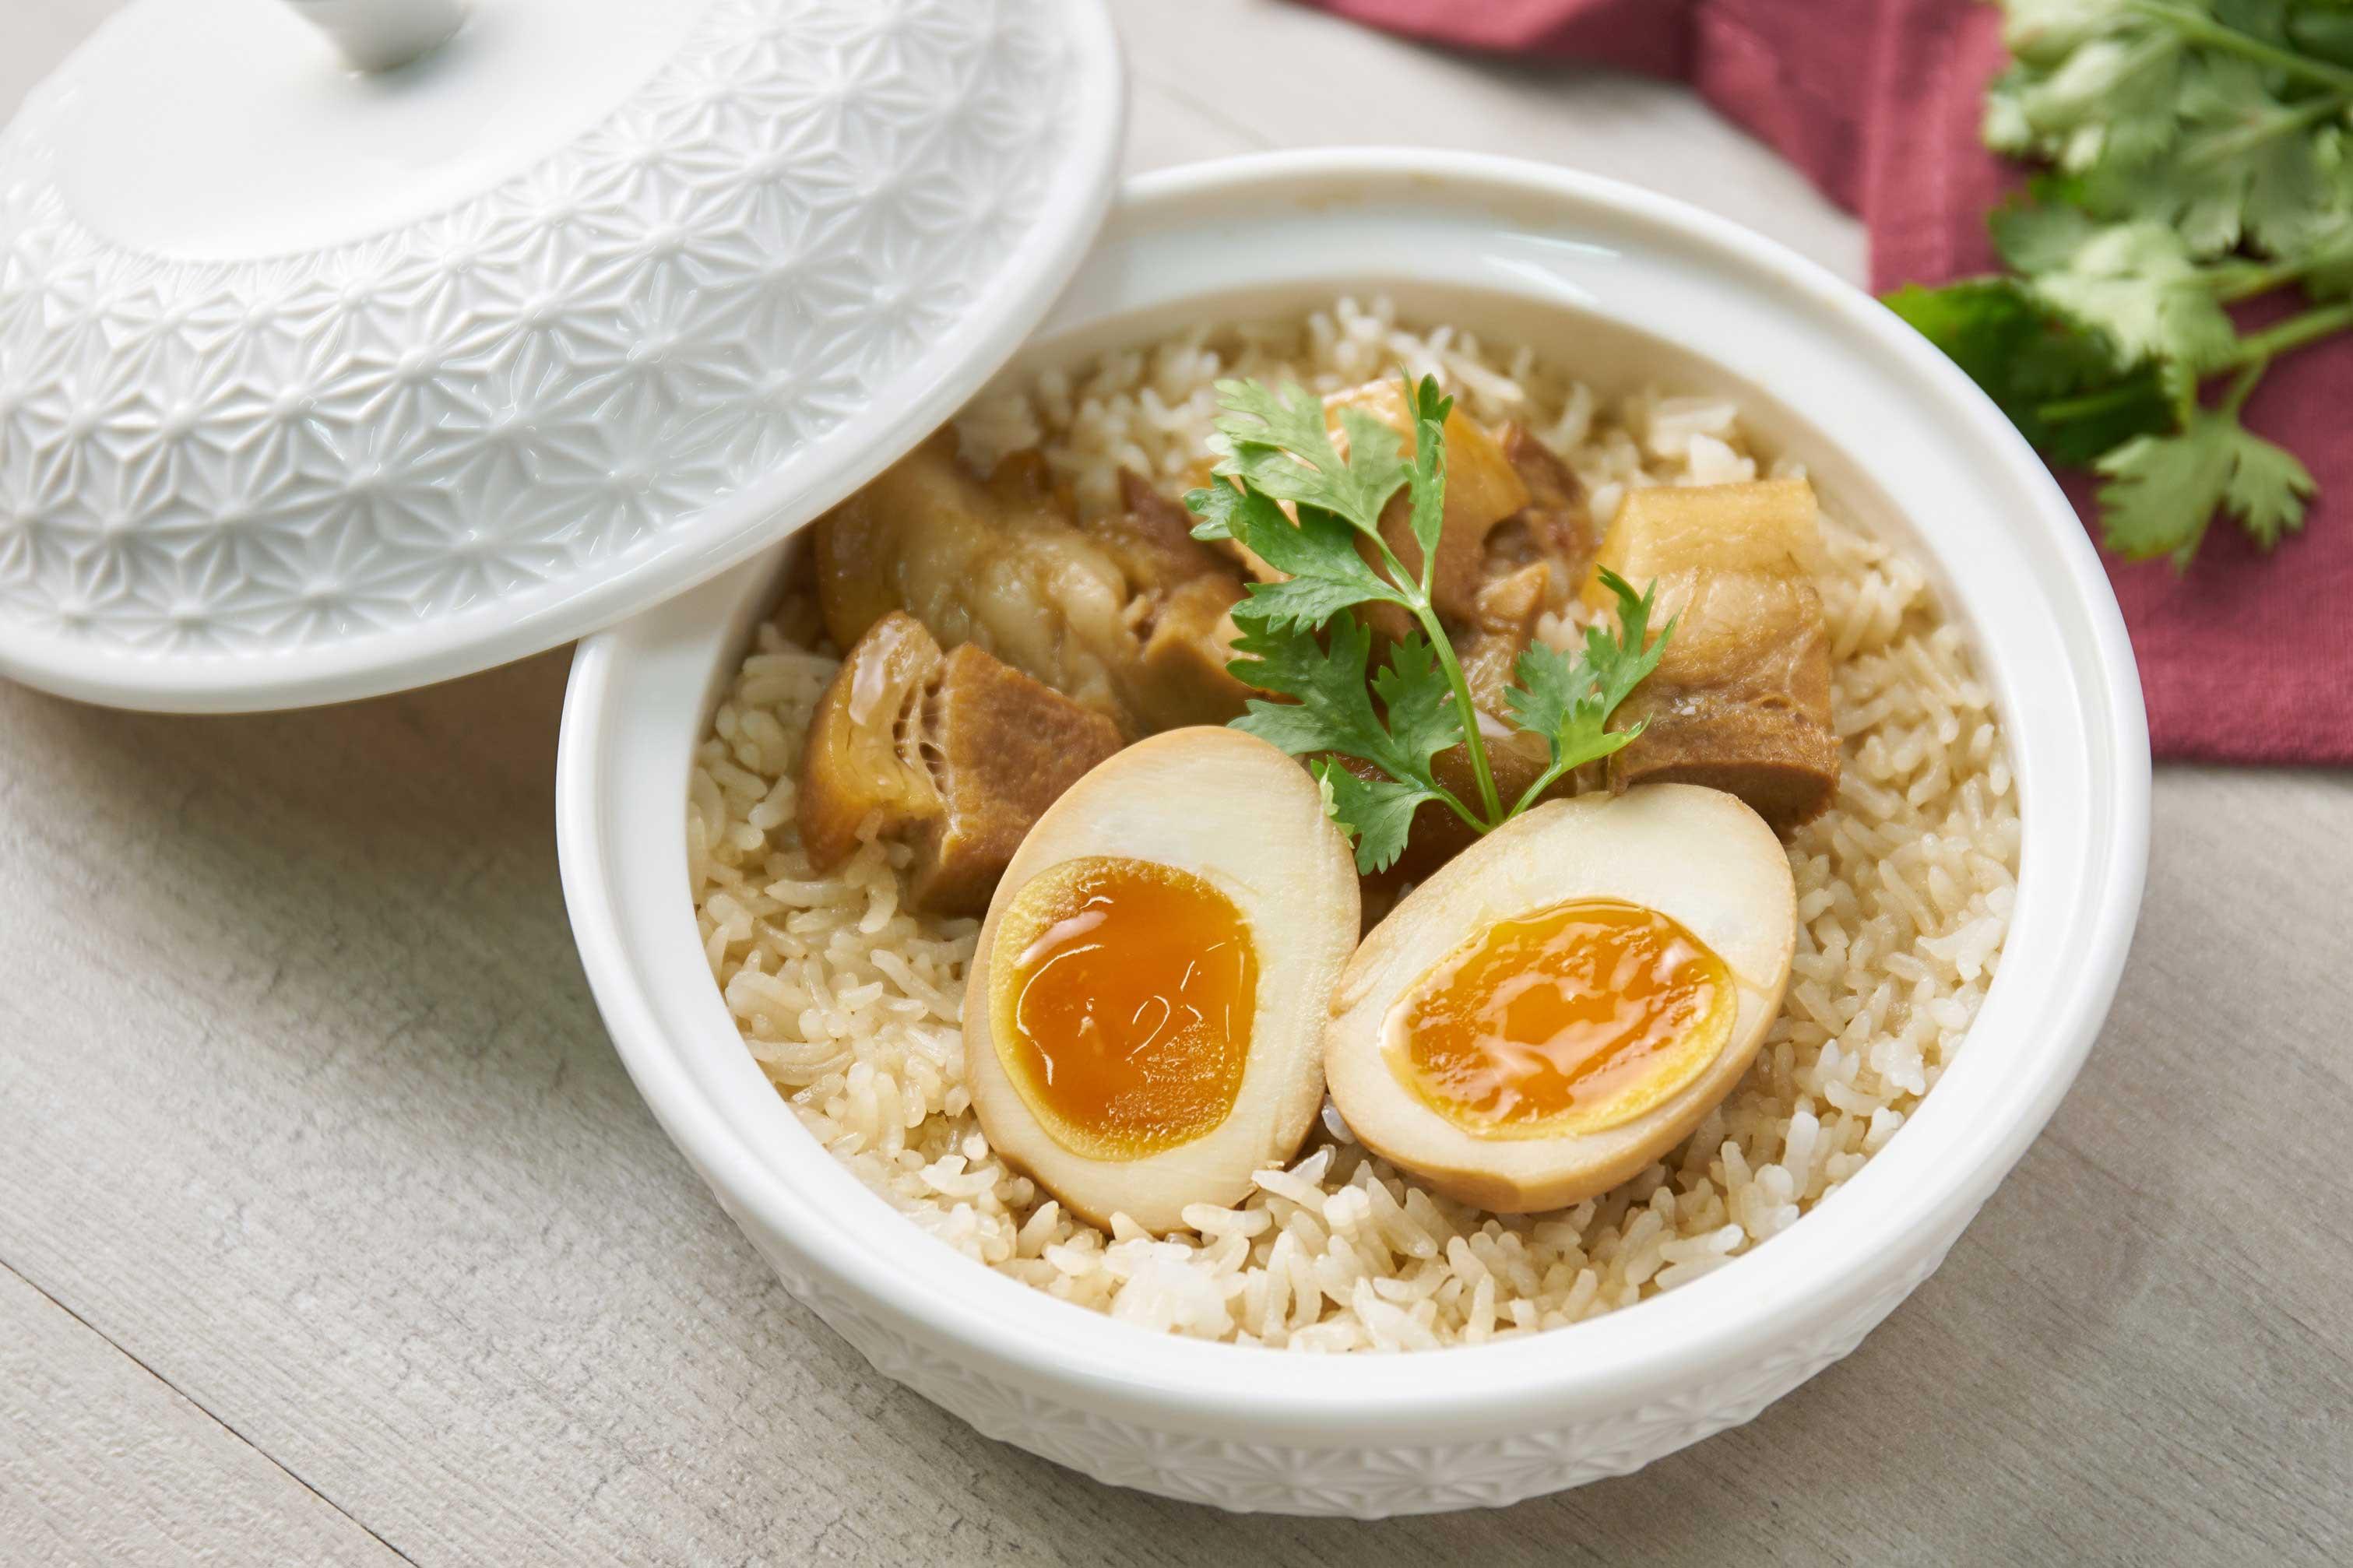 ข้าวอบไข่พะโล้หมูดำคูโรบูตะ